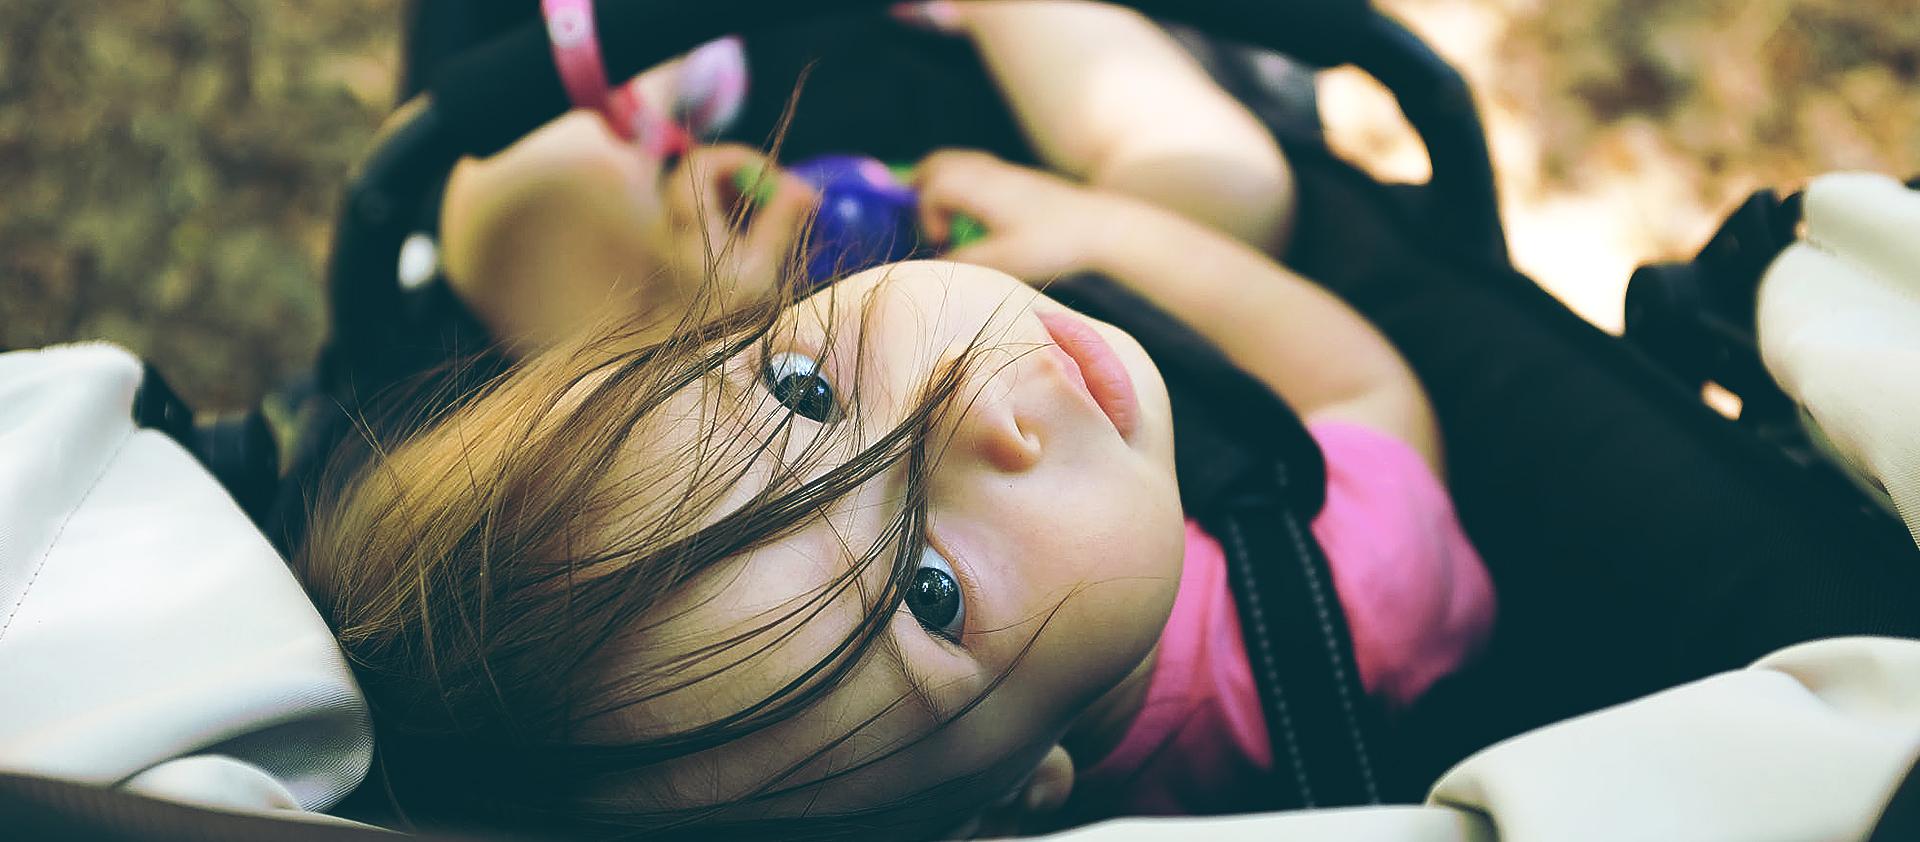 До суда и во время него родители могут самостоятельно определить, с кем из них останутся дети